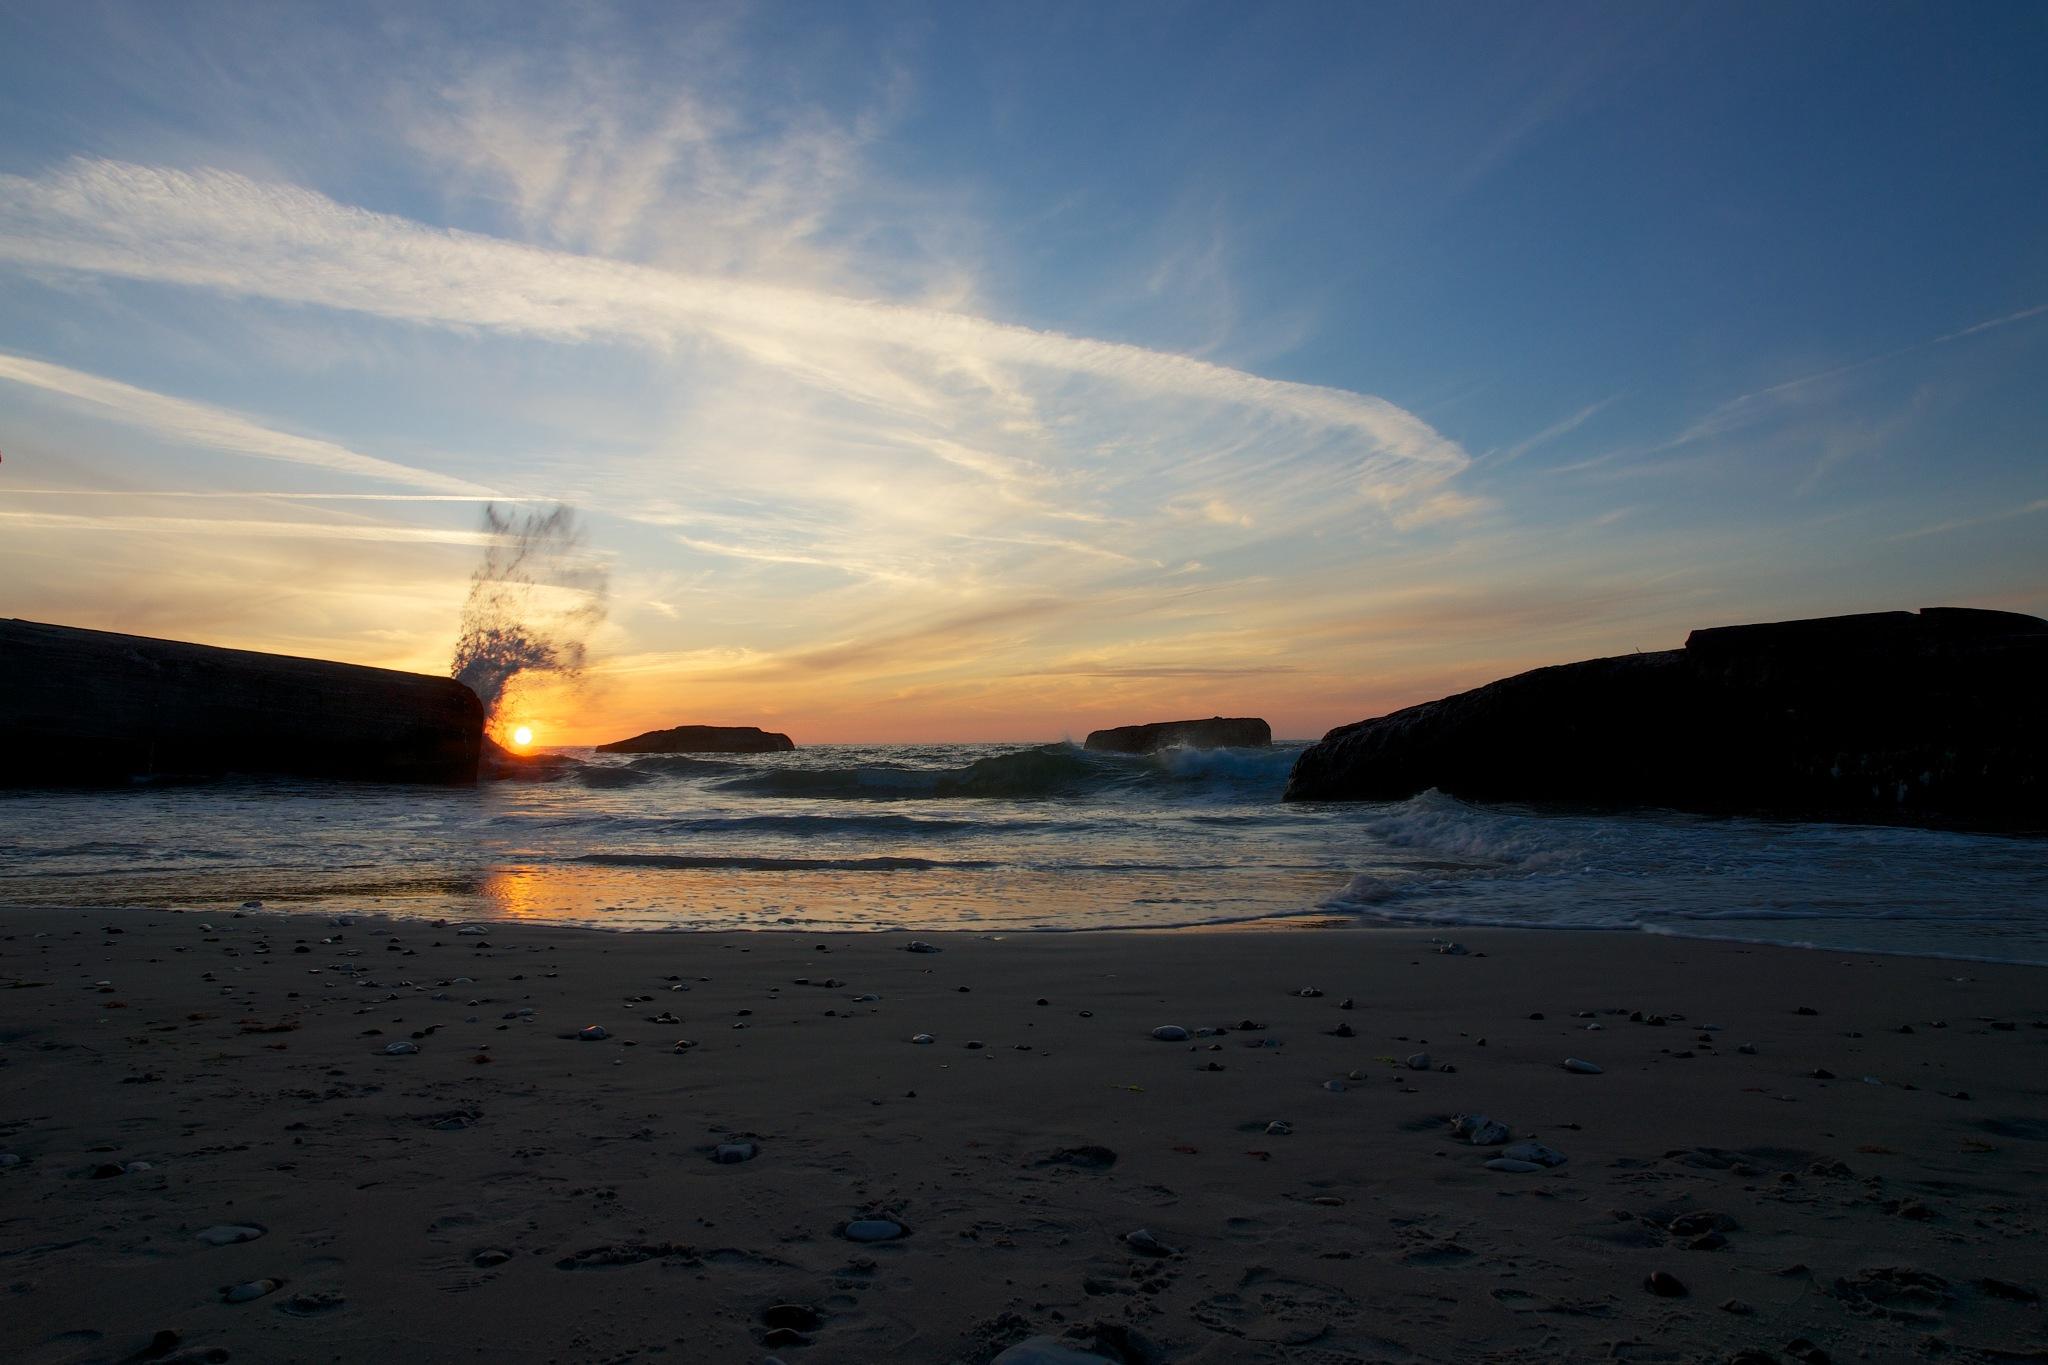 Sunset Denmark by Per Borring